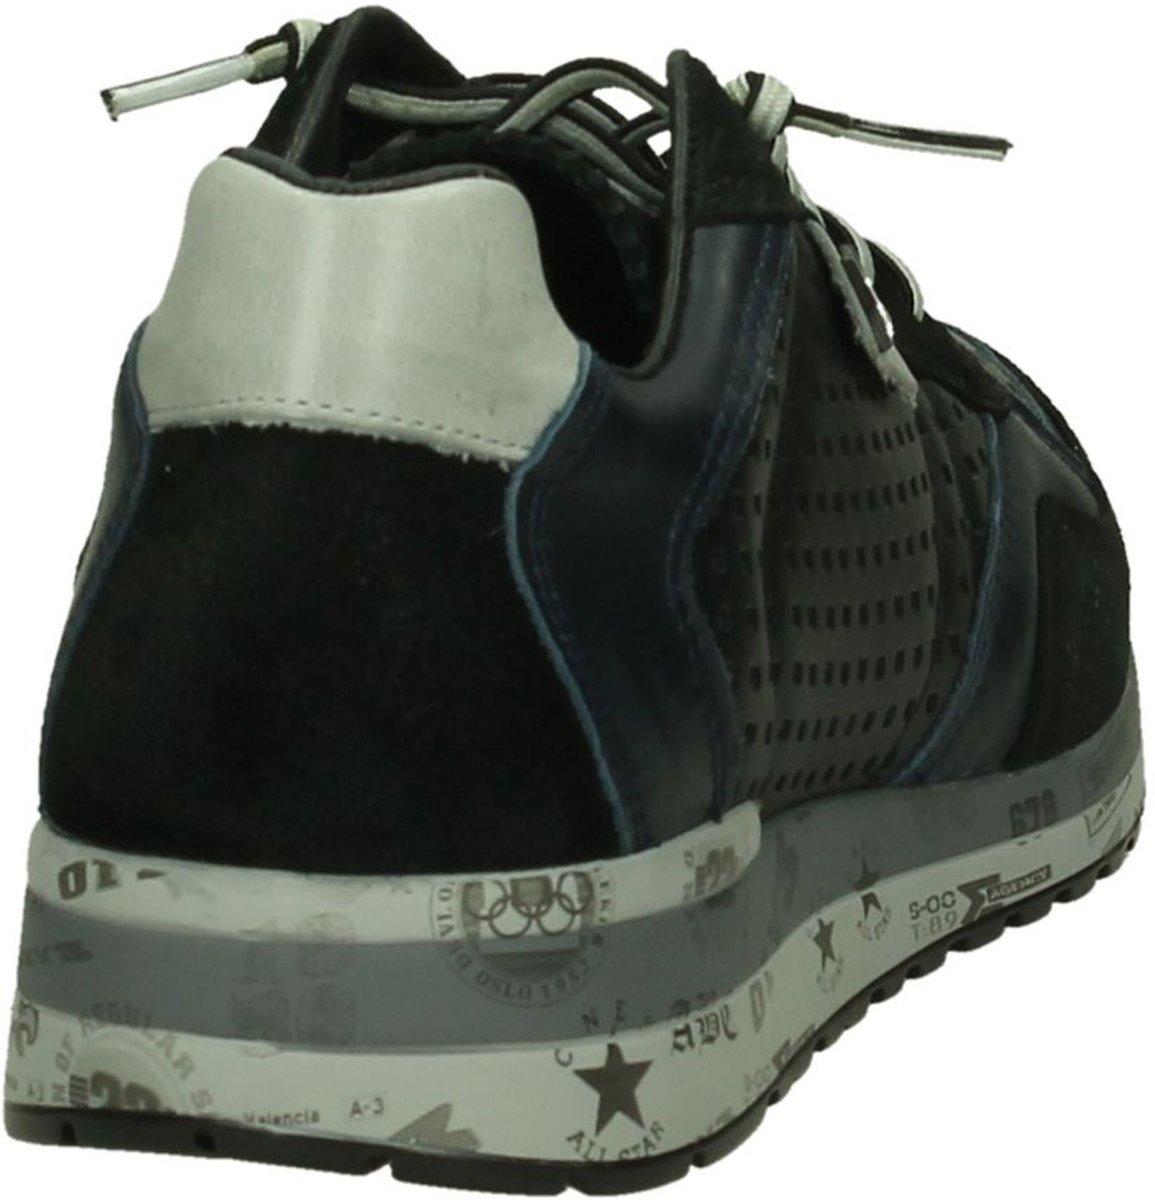 Chaussures Cetti Avec Les Hommes Lacer BvhmxXUYp